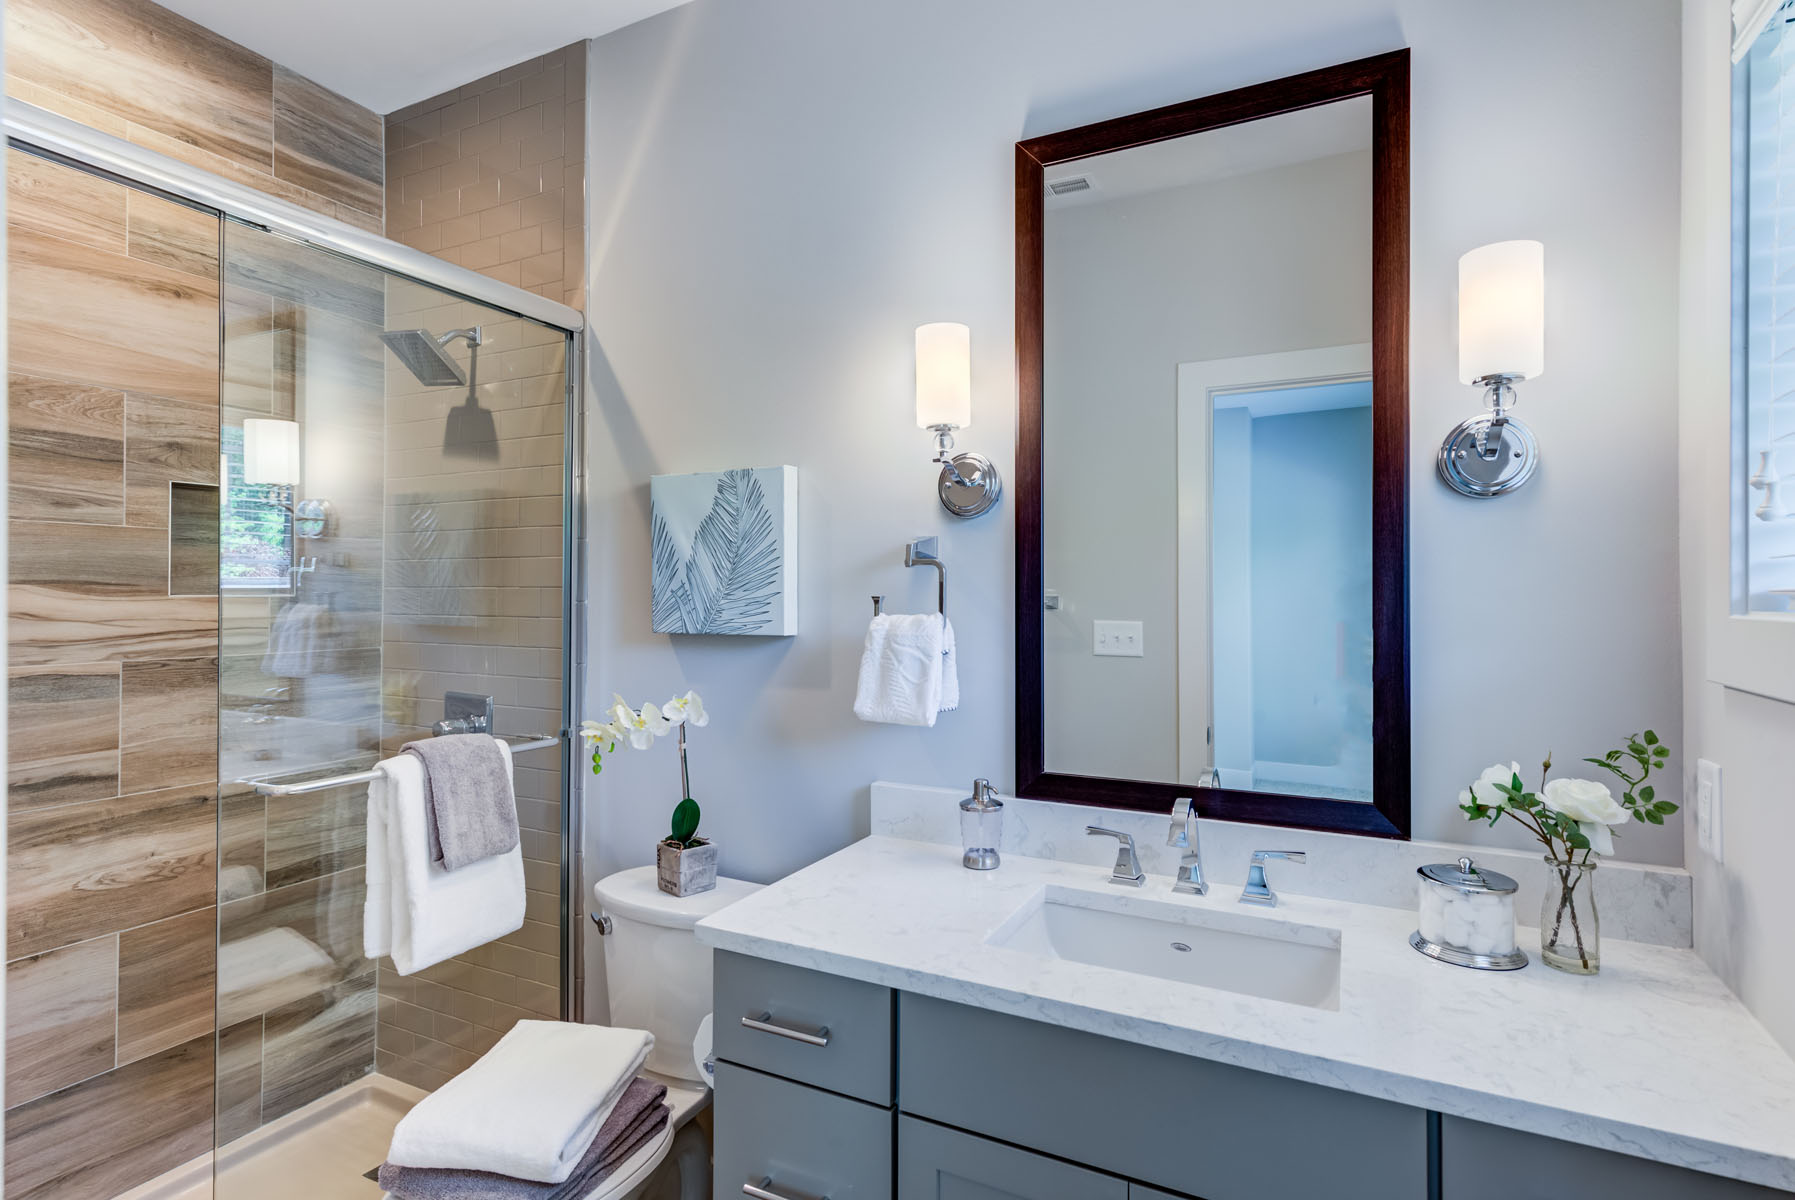 Alden Bathroom